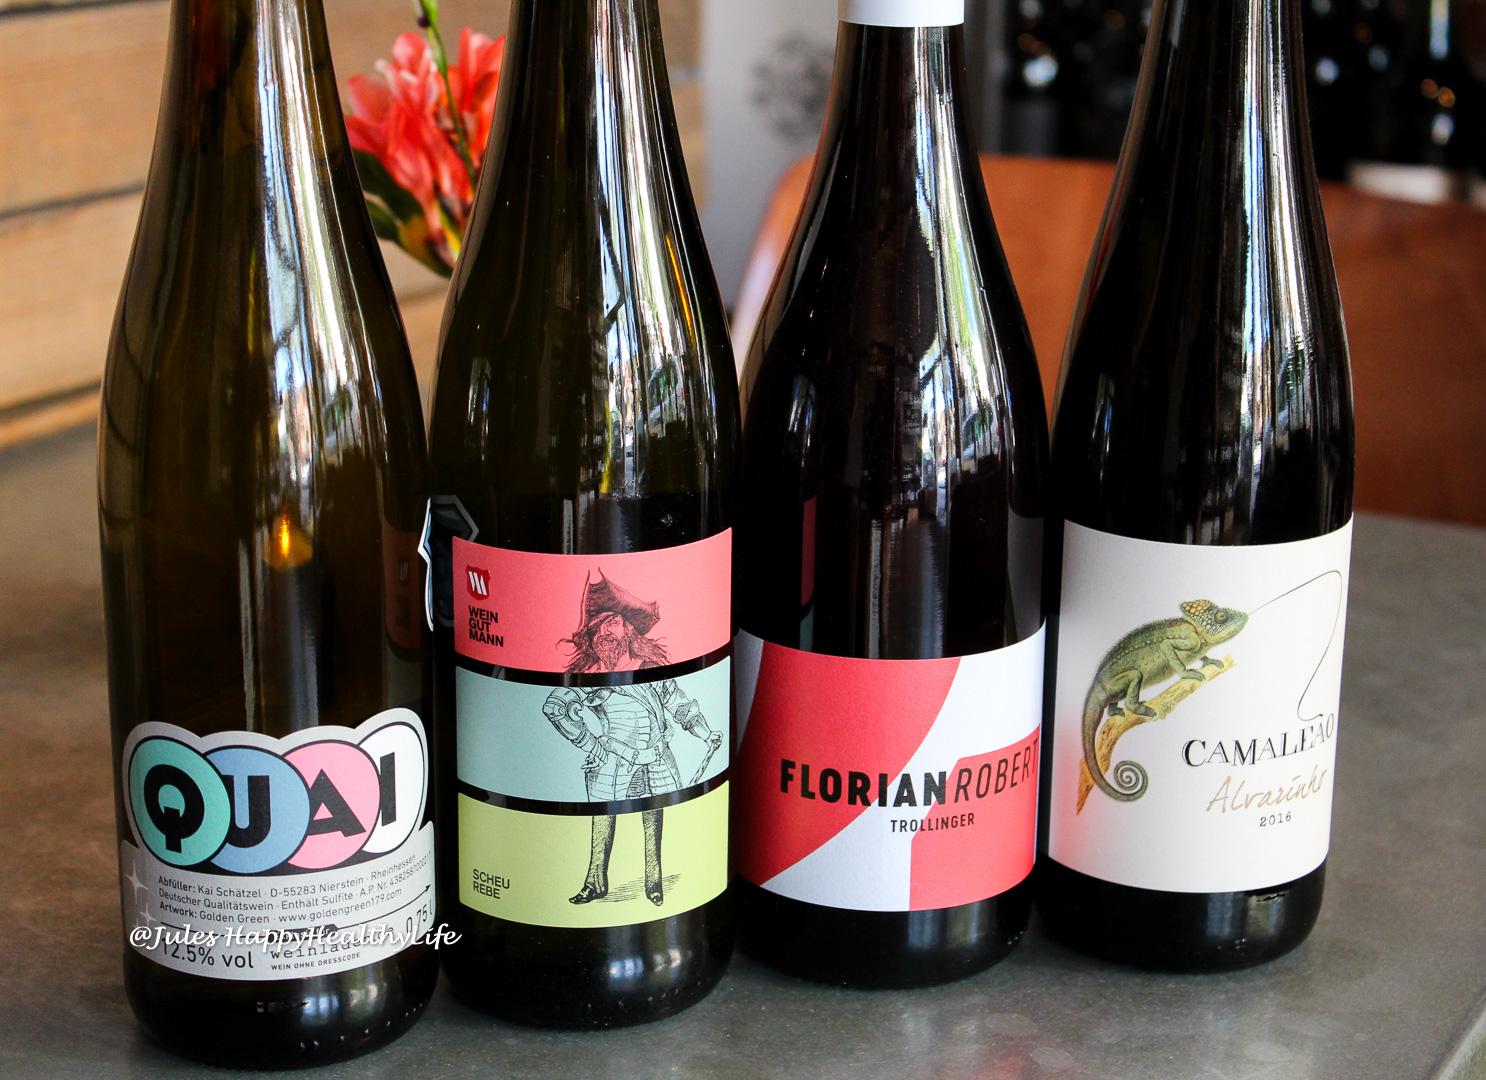 Quai Grauburgunder, Mann Scheurebe, Florian Robert Trollinger und Camaleao Alvarinho sind die Weinempfehlungen für den Sommer.